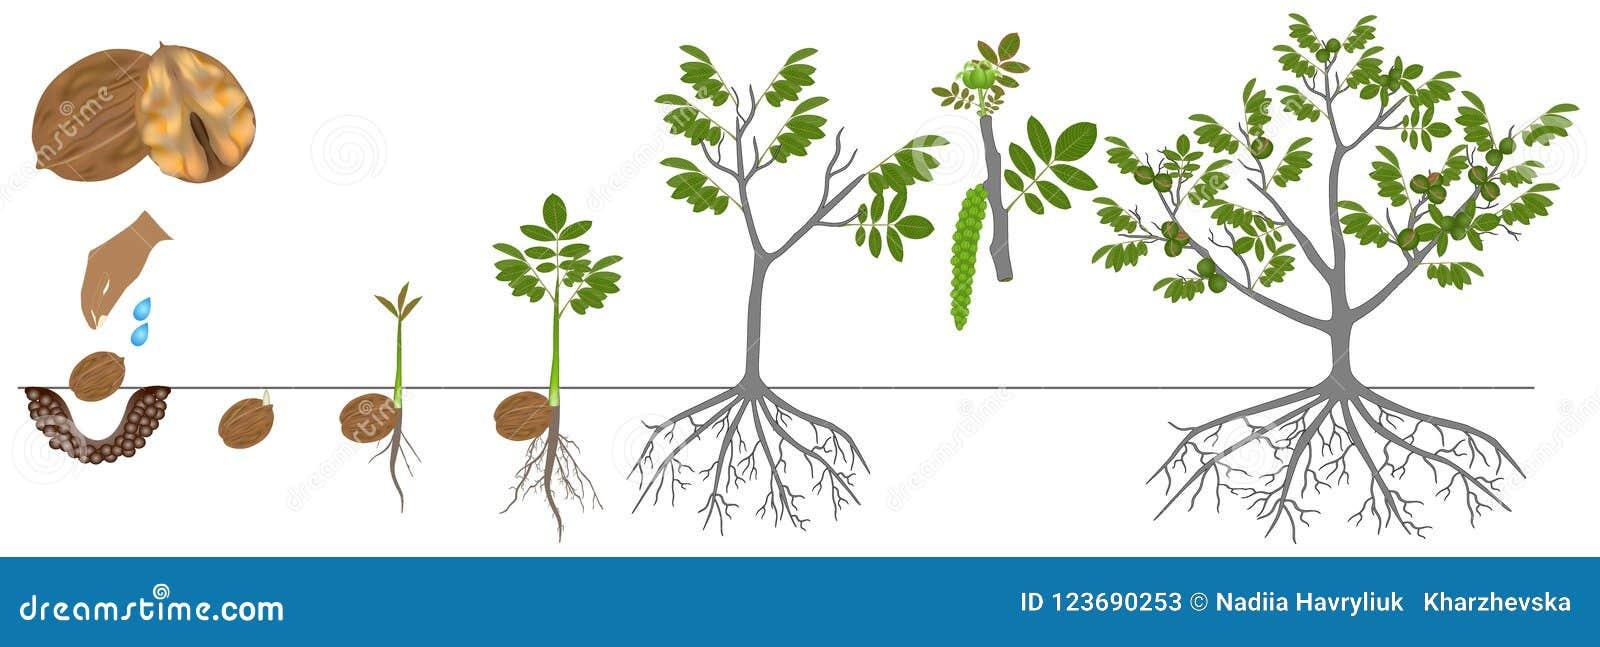 Ciclo di crescita di una pianta di una noce isolata su un fondo bianco